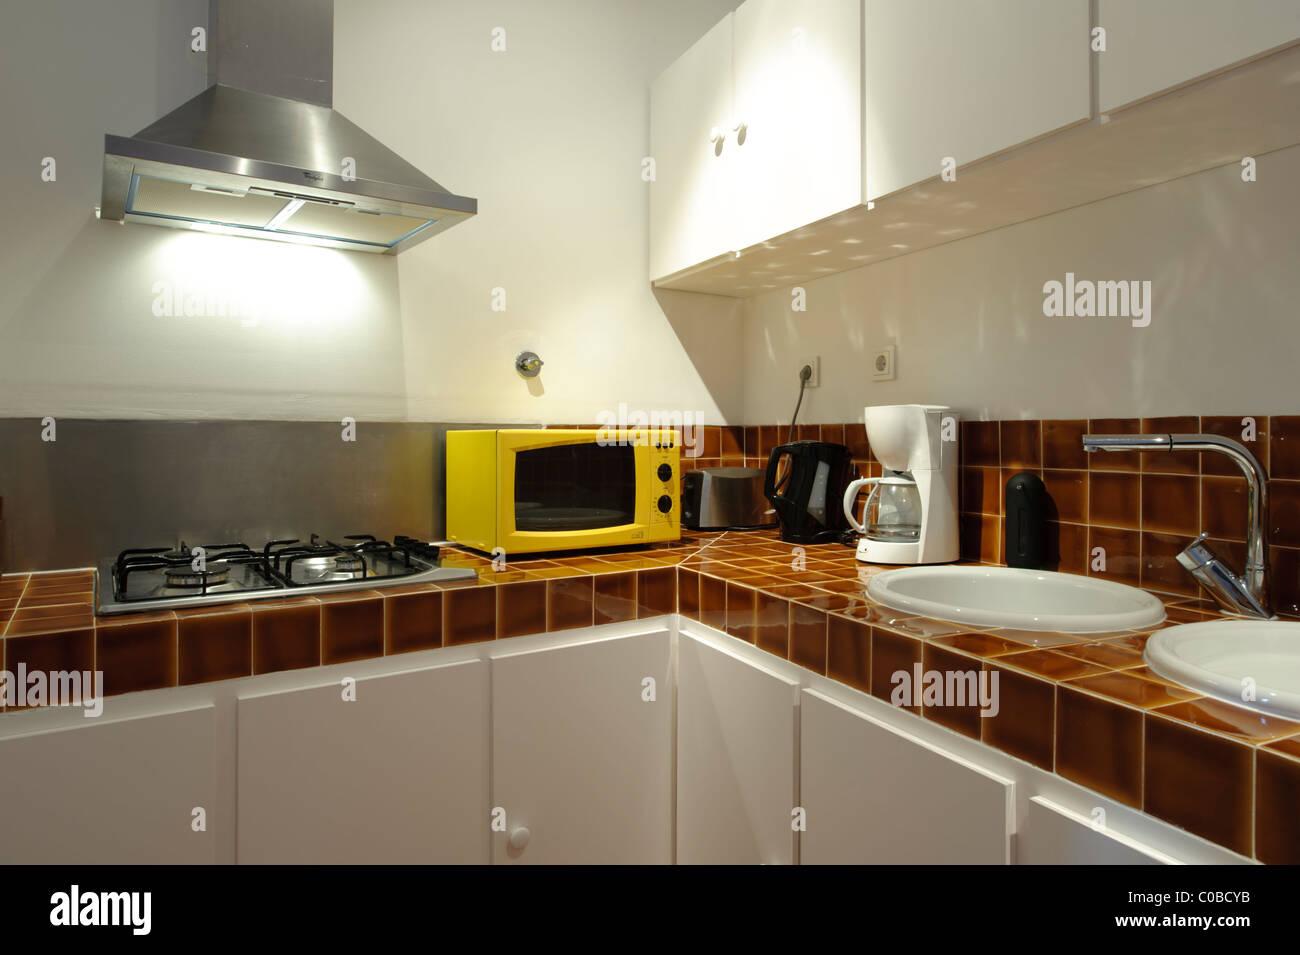 Kleine moderne Küche Stockfoto, Bild: 34672383 - Alamy